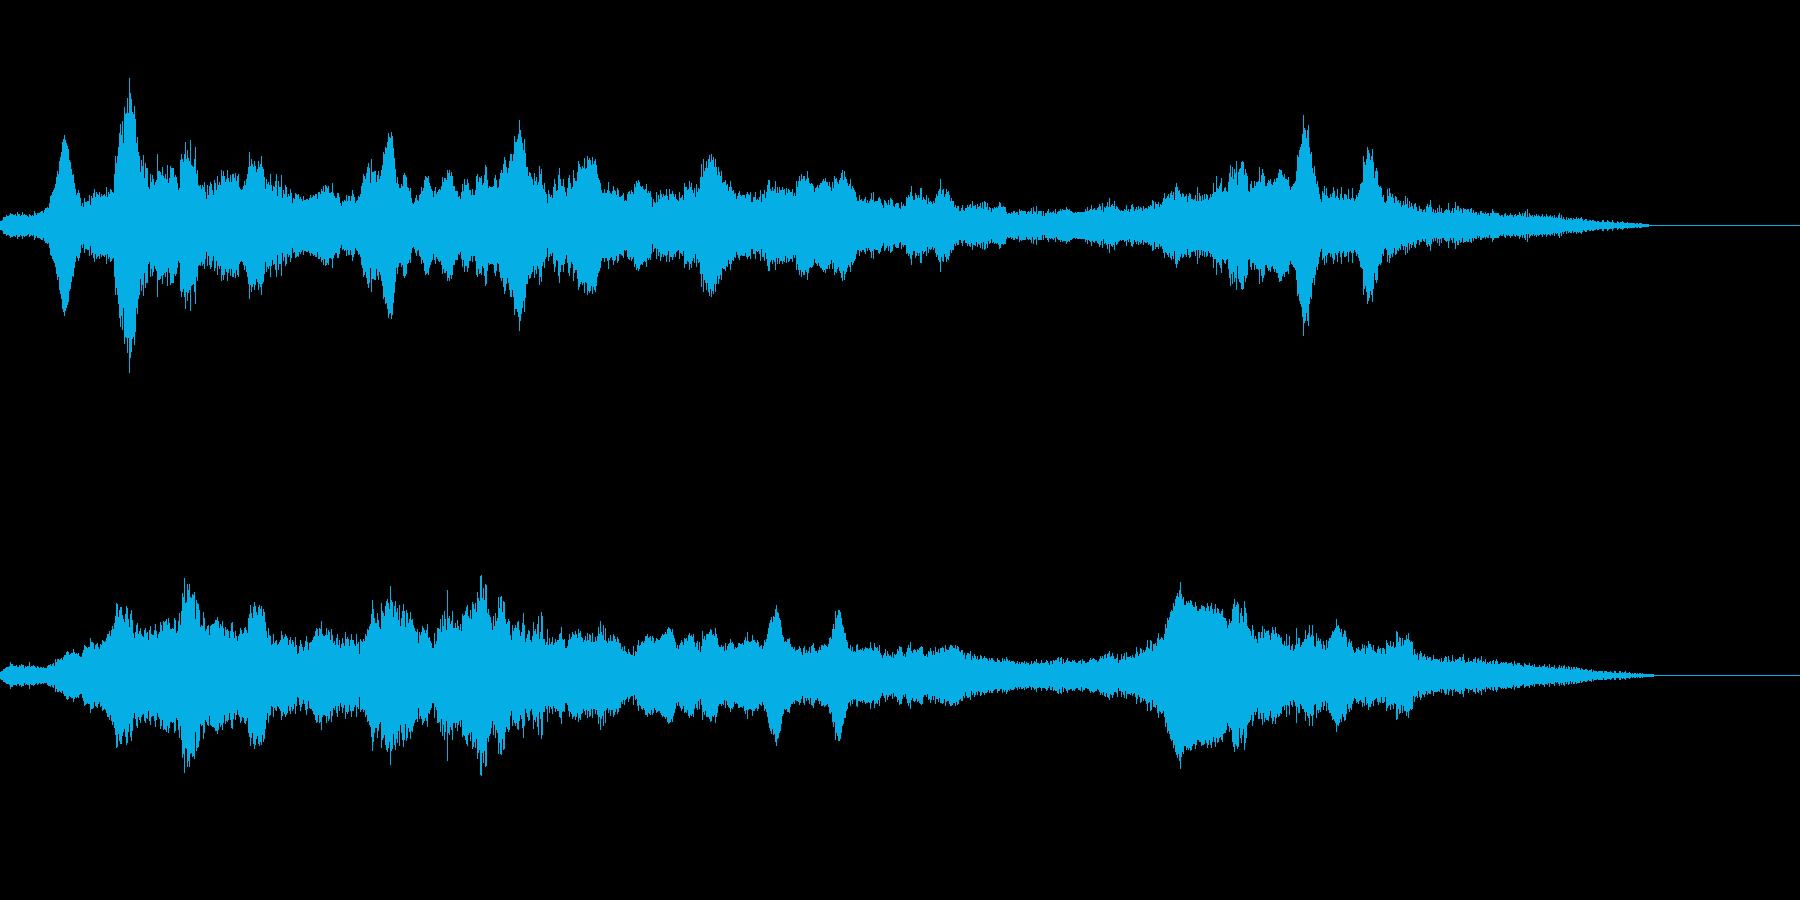 異世界などの背景音の再生済みの波形